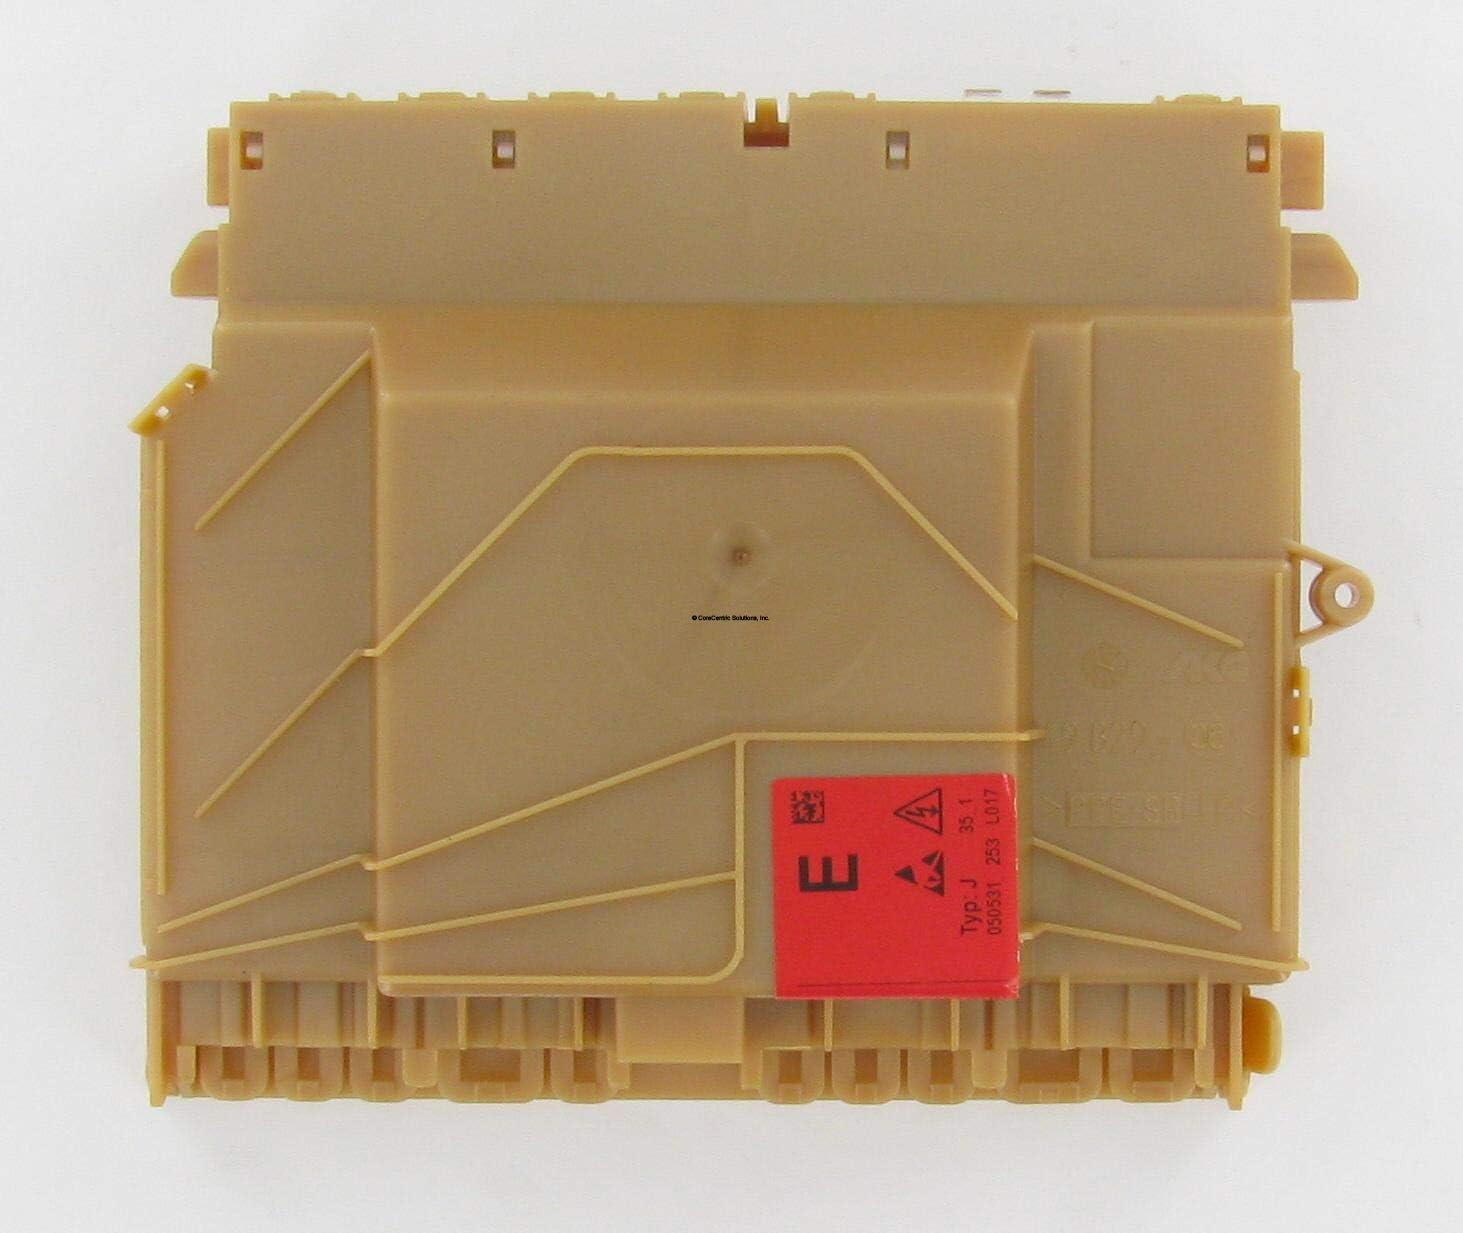 Bosch 496013 Dishwasher Control Board (Renewed)